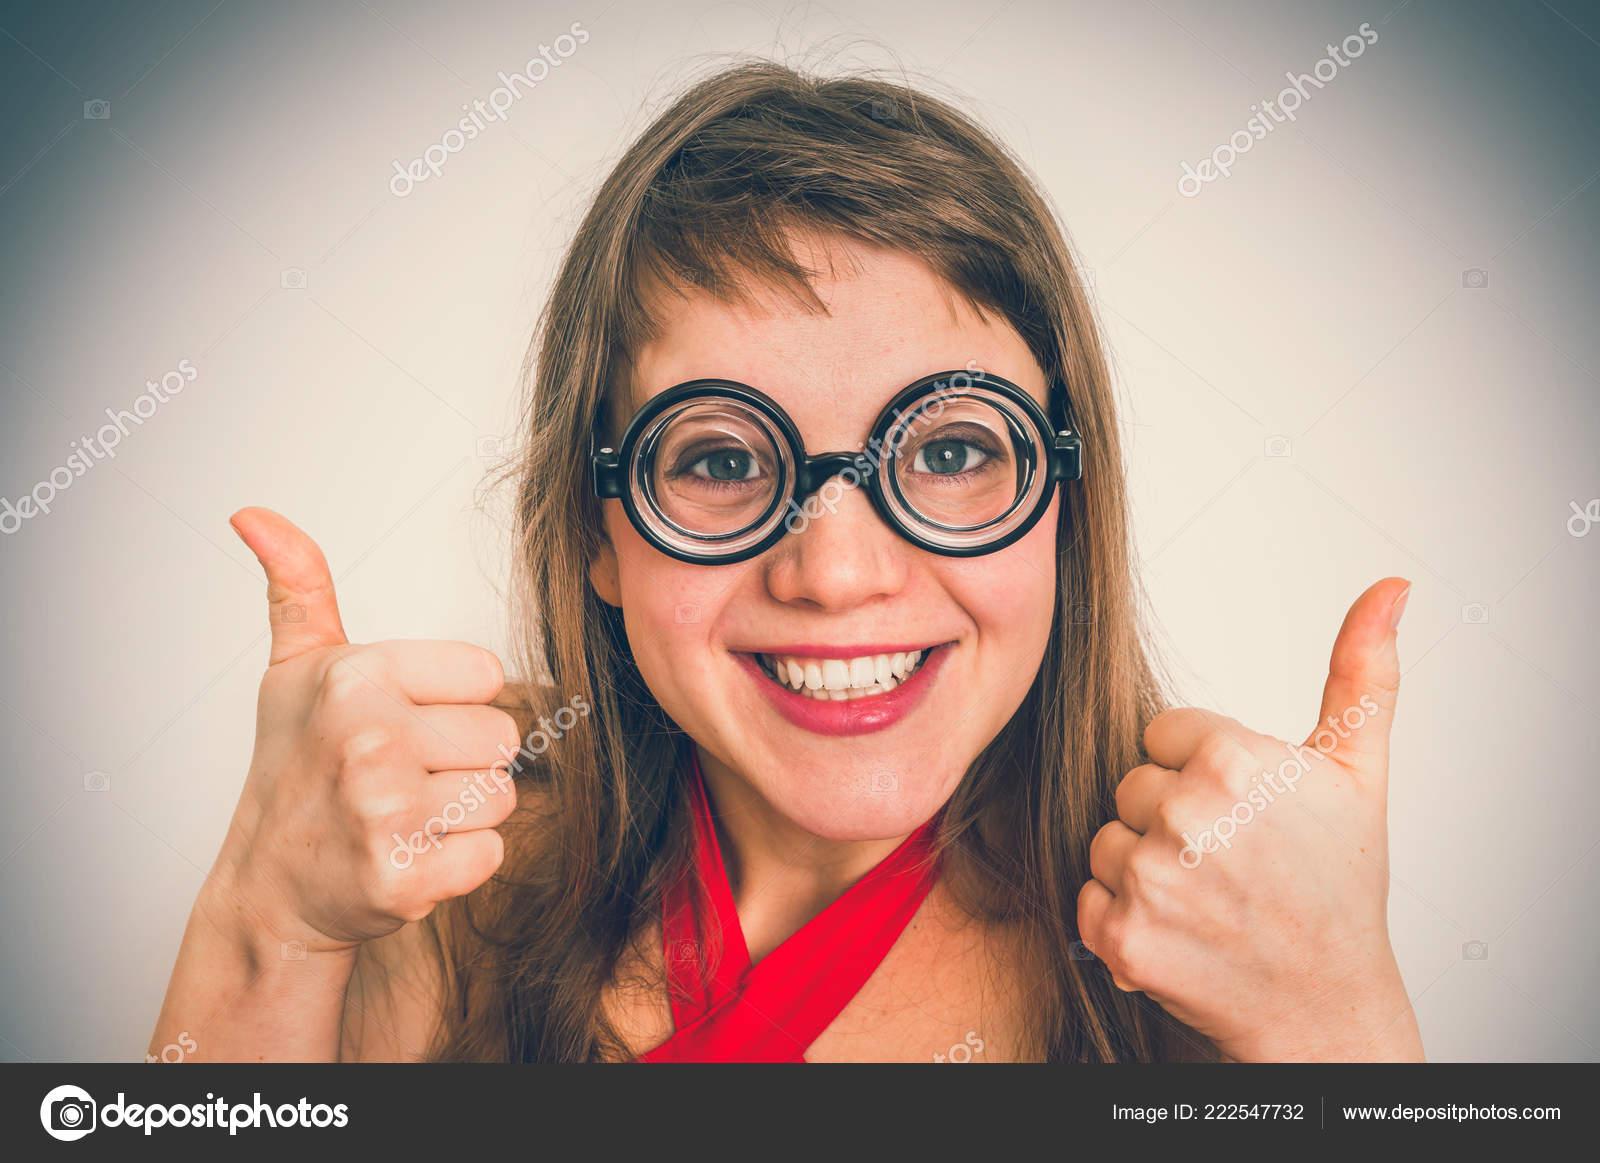 8af3da883f Νέα Αστεία Geek Nerd Γυναίκα Απομονωμένη Γκρίζο Φόντο Ρετρό Στυλ —  Φωτογραφία Αρχείου